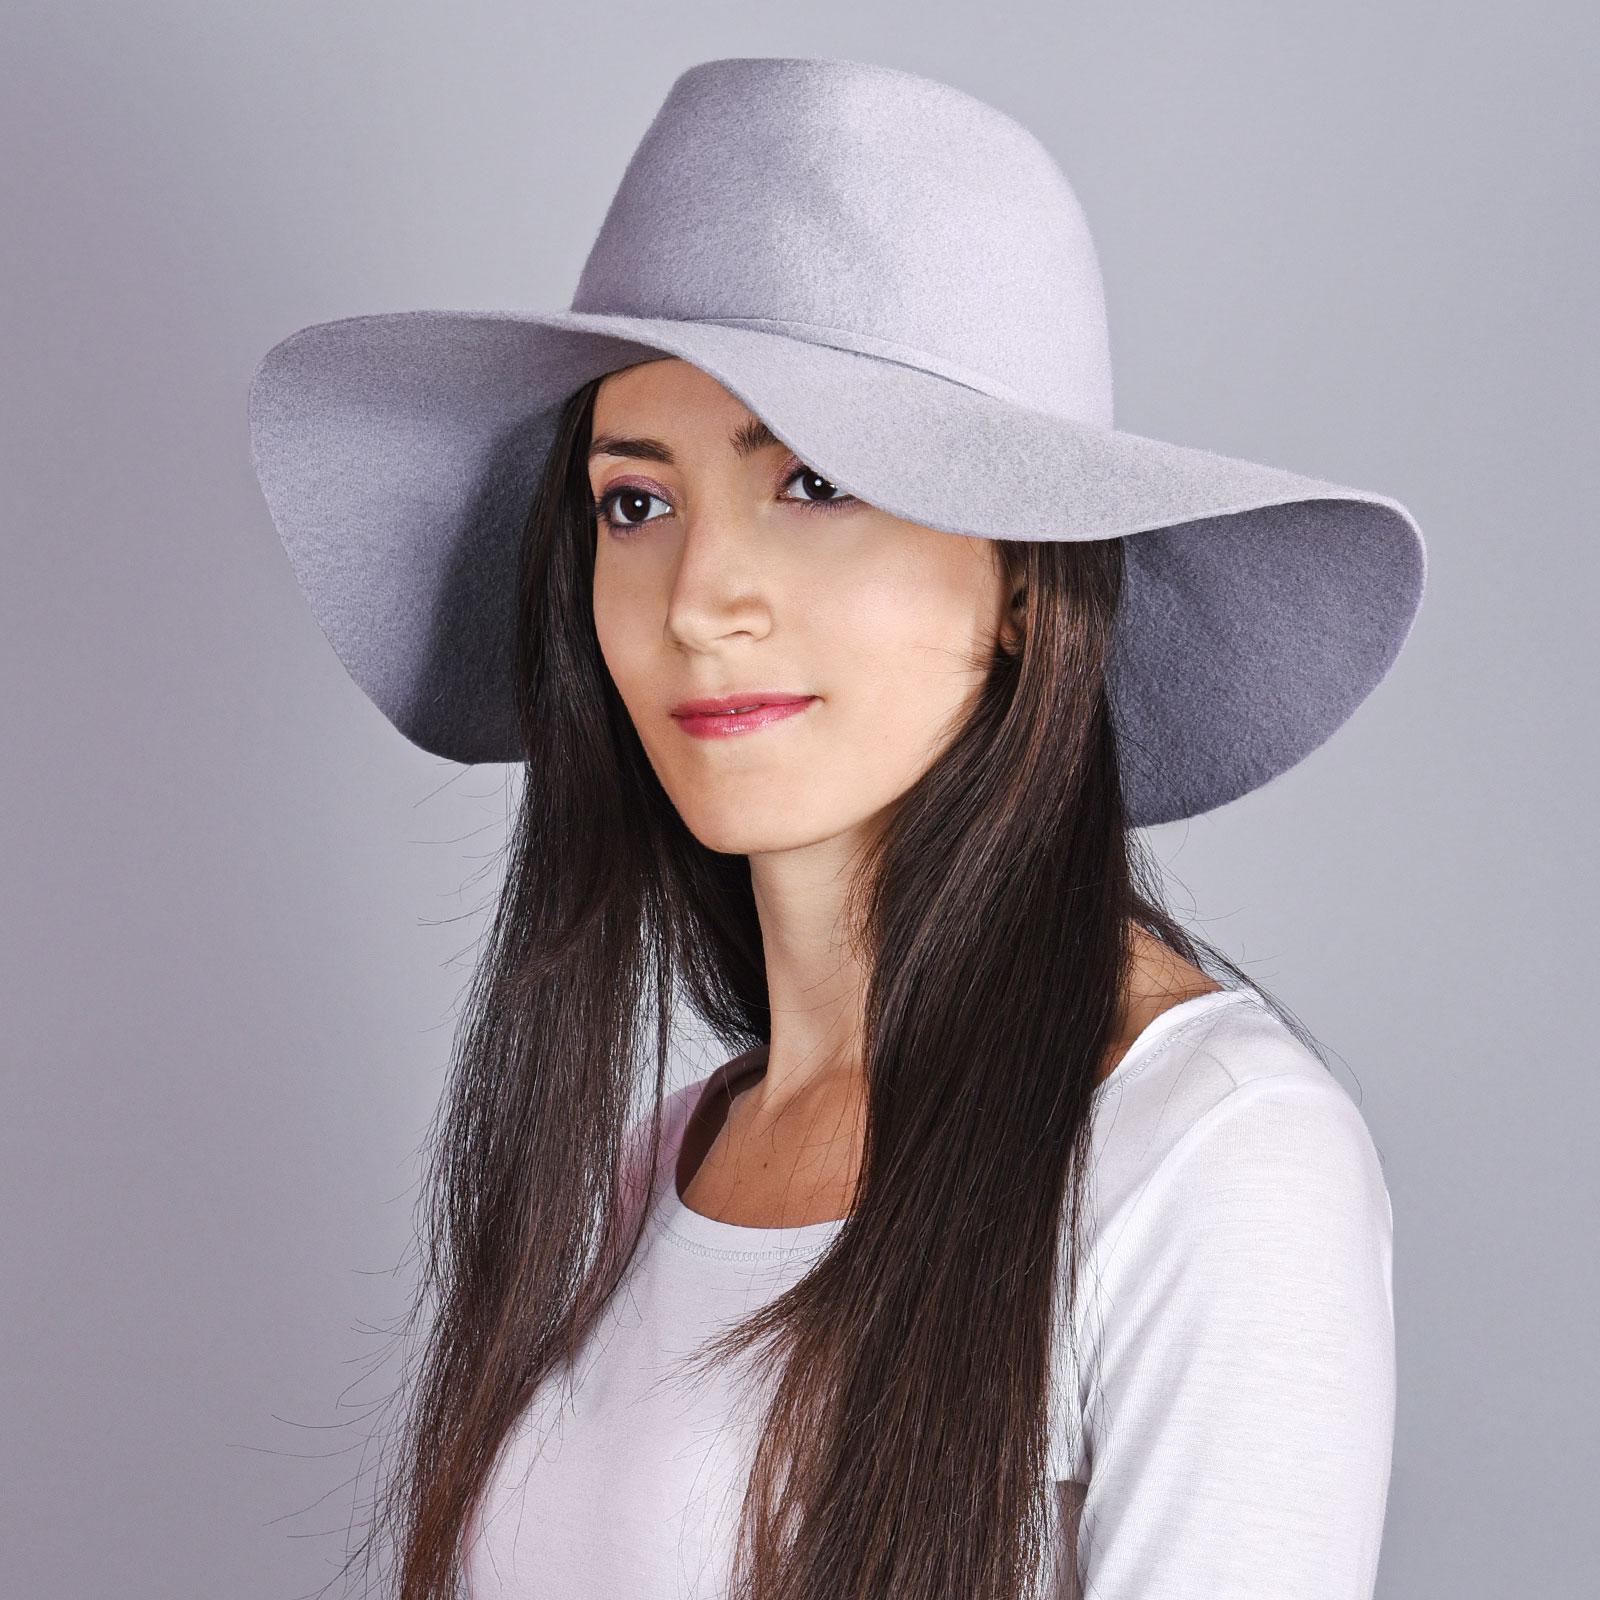 CP-01021-VF16-1-chapeau-femme-hiver-feutre-laine-gris